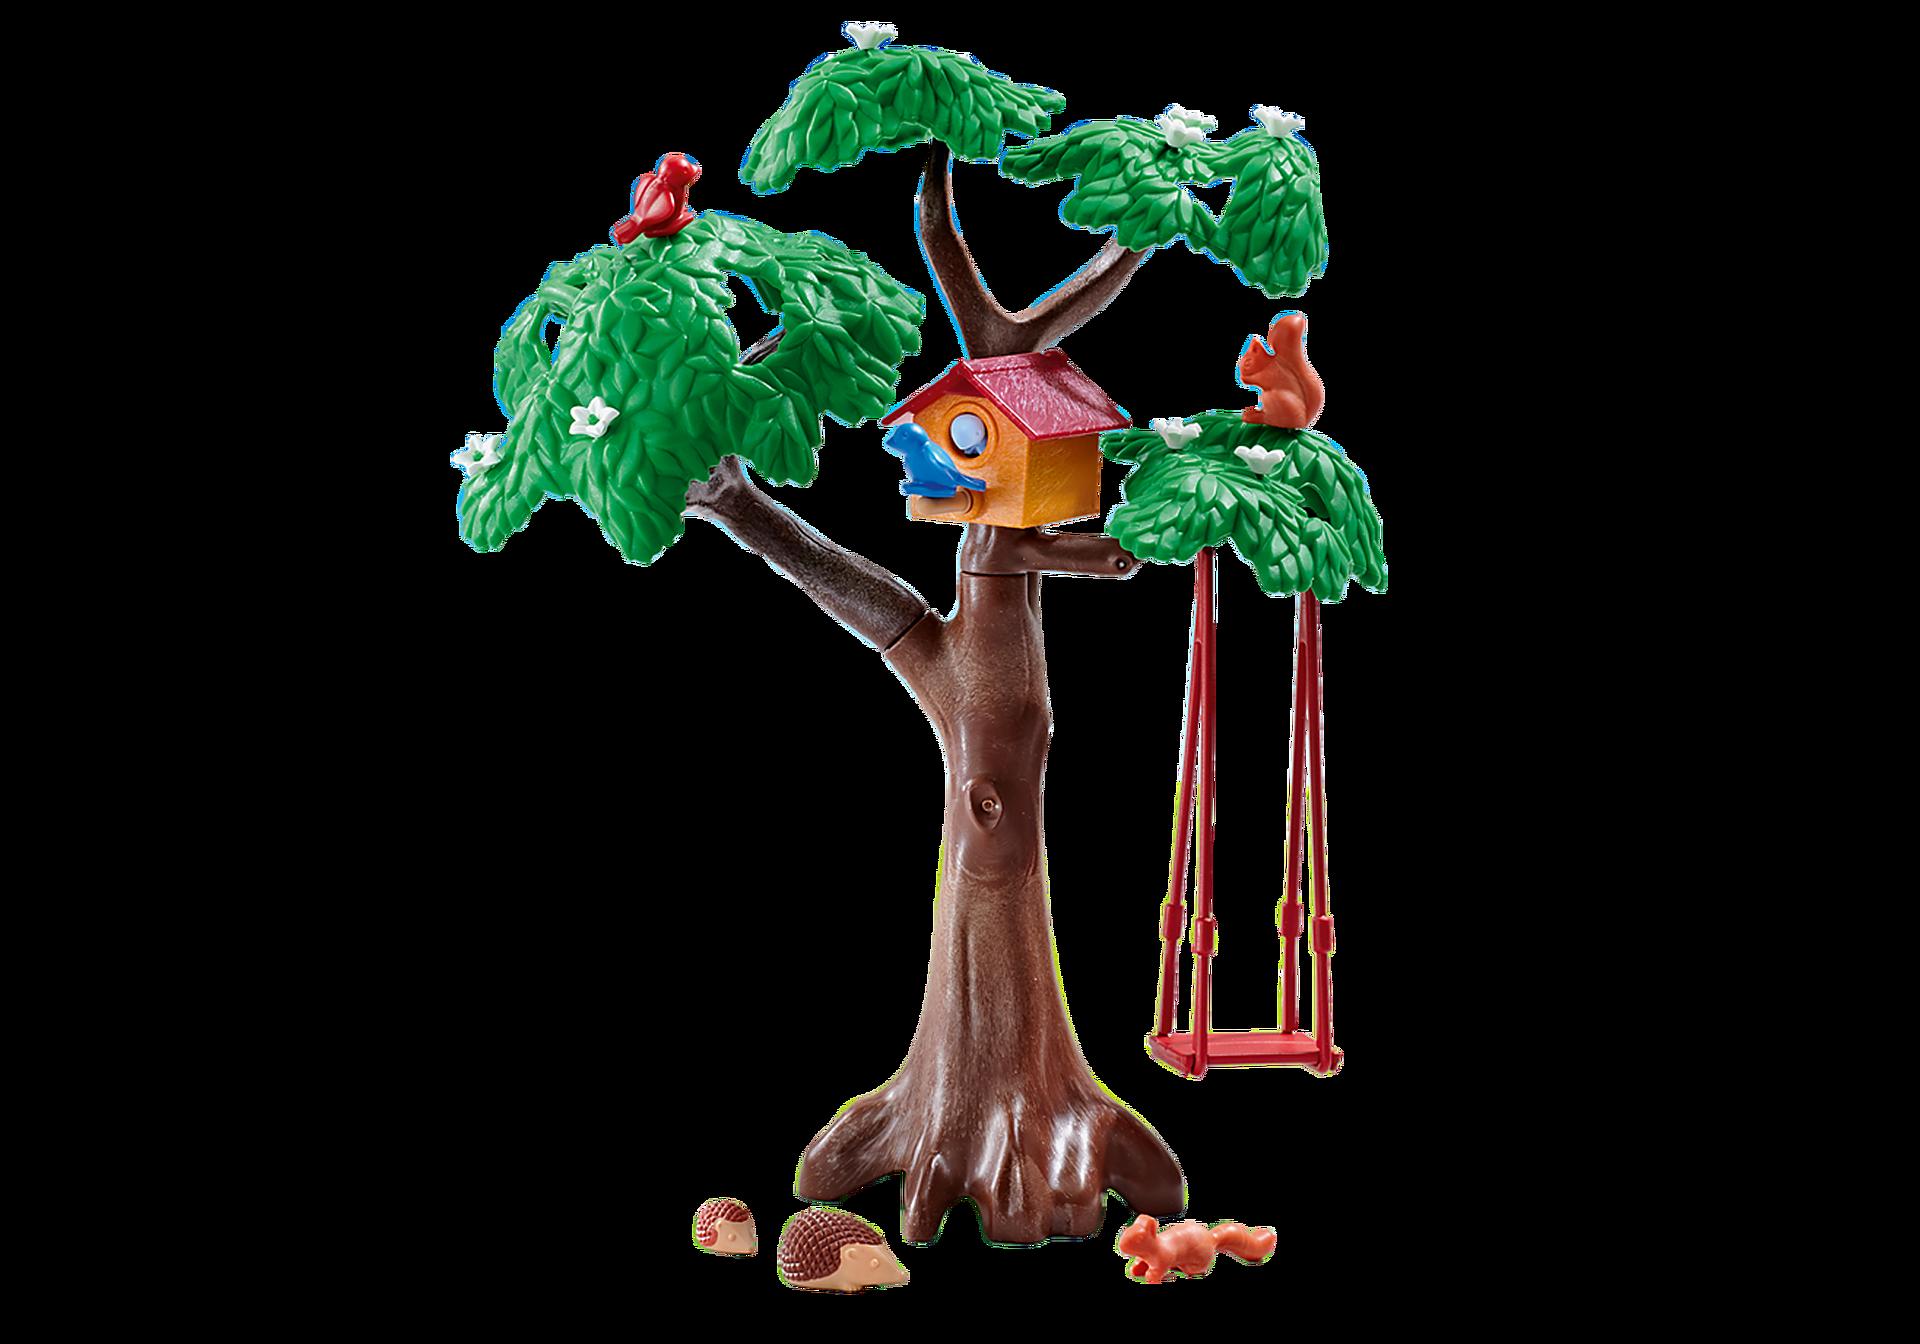 6575 Altalena sull'albero zoom image1